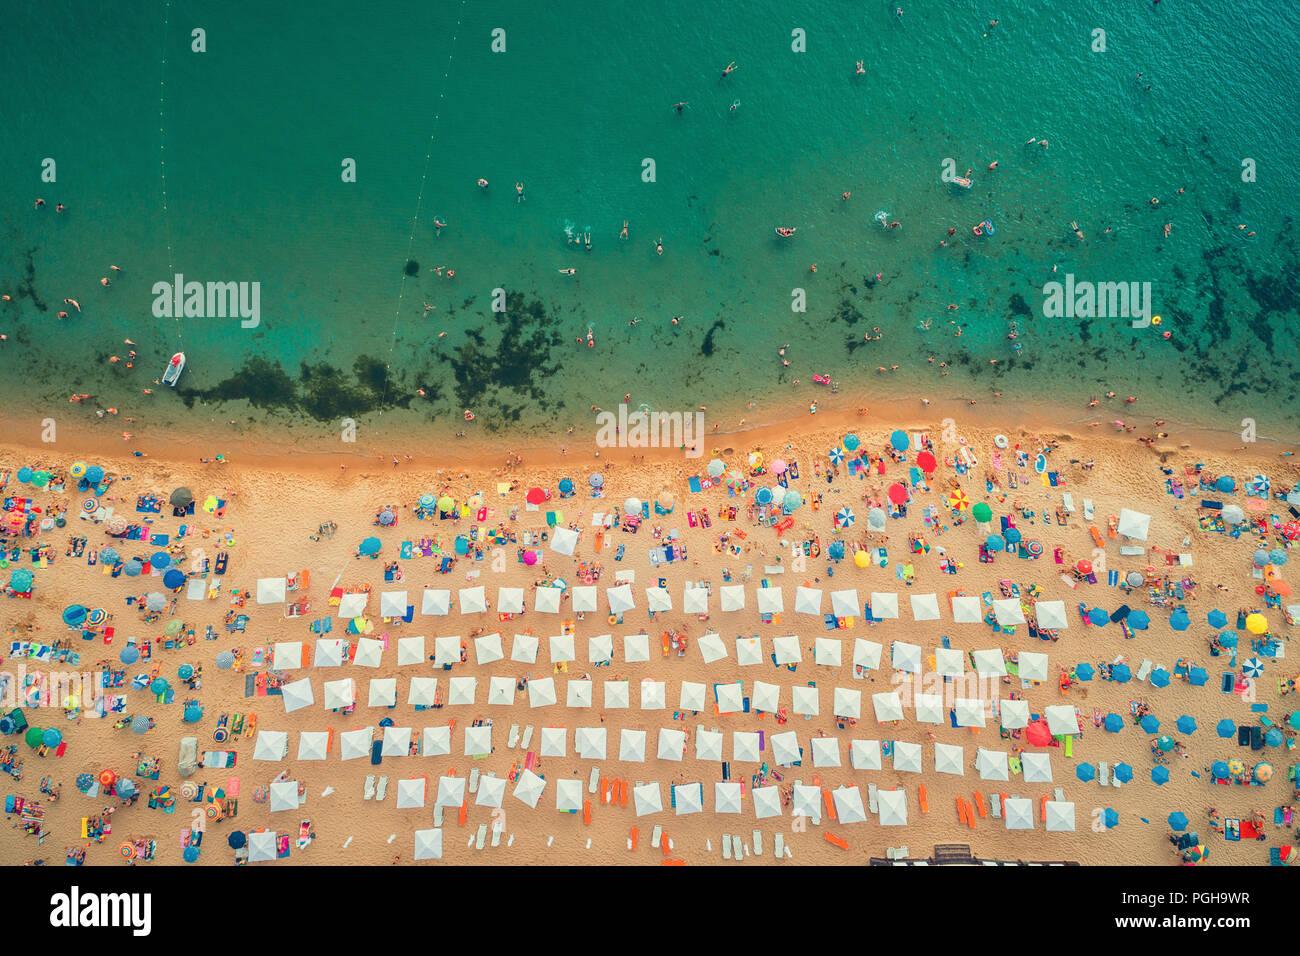 Vue de dessus de l'antenne sur la plage. Les gens, les parapluies, le sable et les vagues Banque D'Images